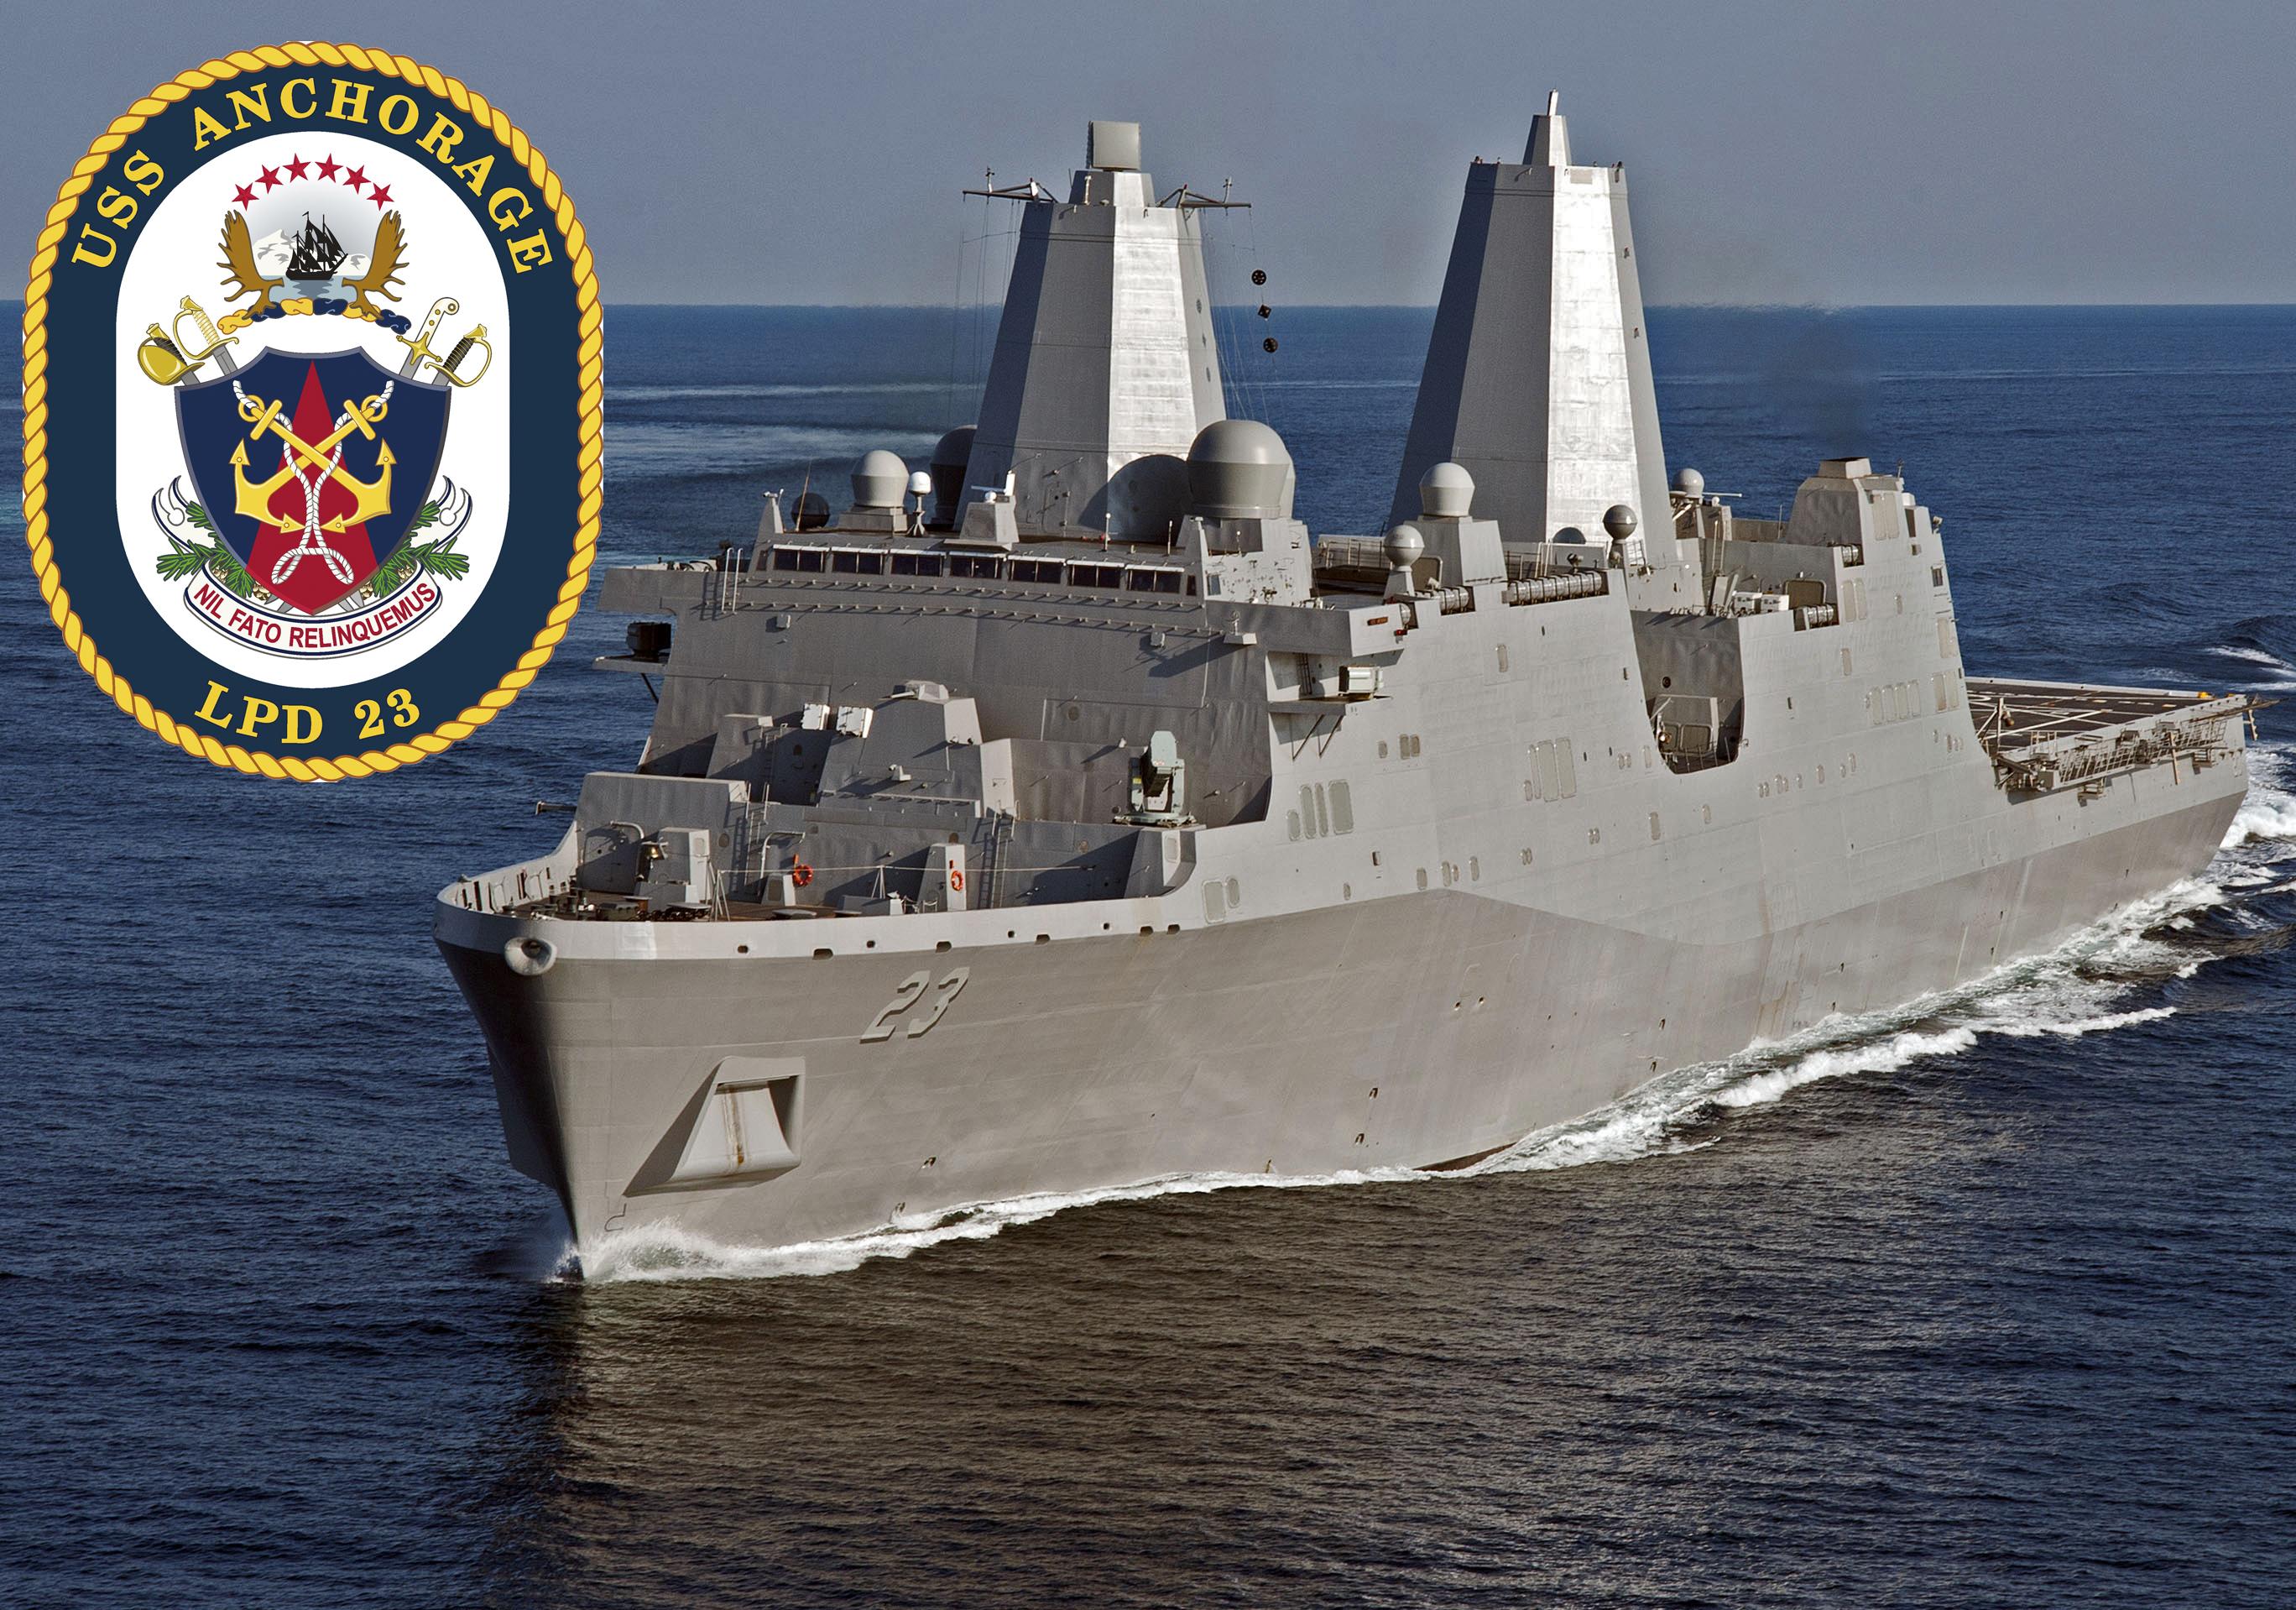 USS ANCHORAGE LPD-23 Bild und Grafik: U.S. Navy